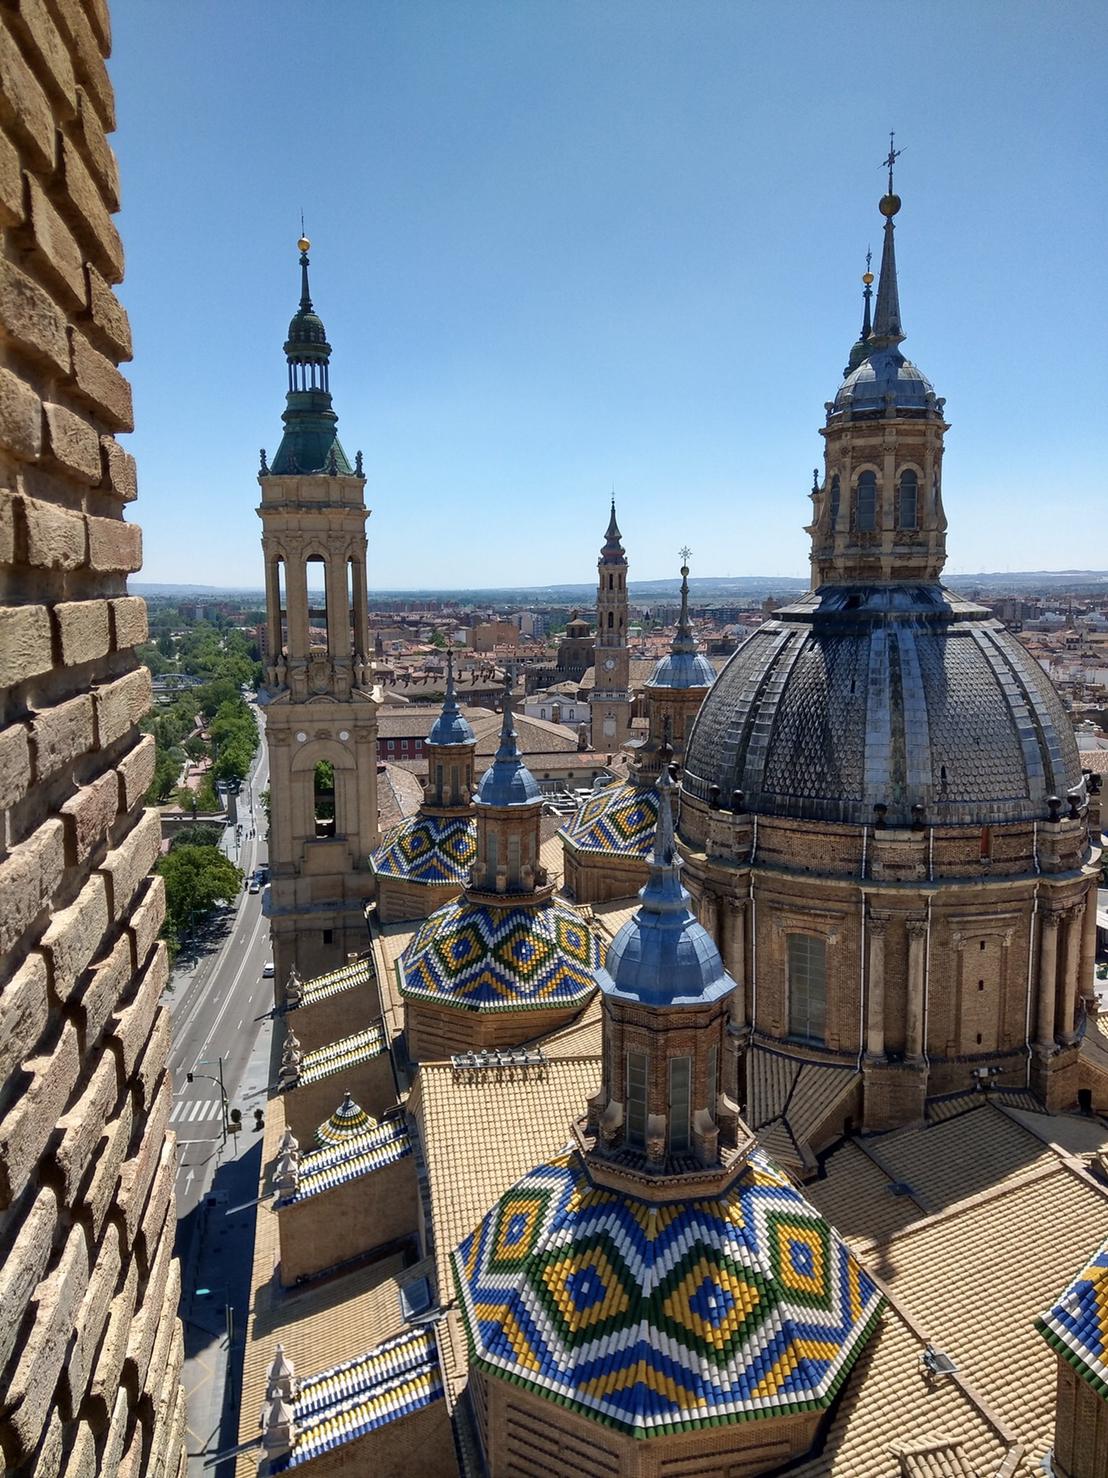 ▲西班牙著名的教堂,感受鬼斧神工的神奇。